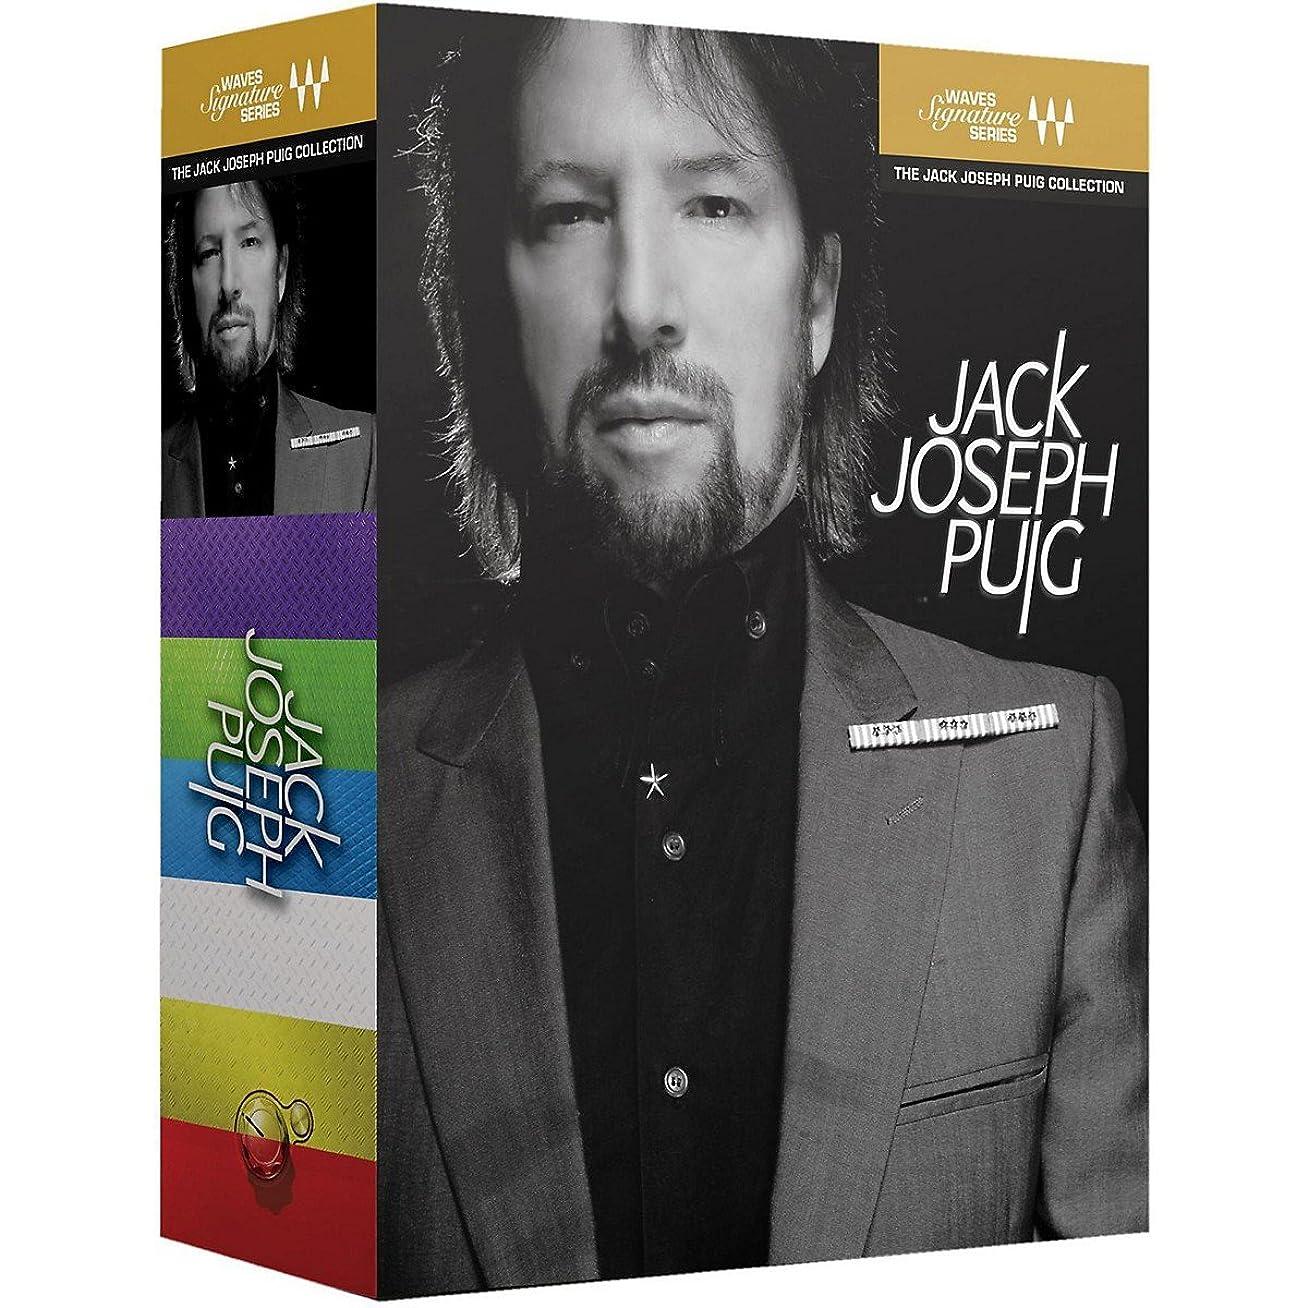 ロータリー支店金貸しWAVES Jack Joseph Puig Signature Series バンドル プラグインソフト (ウェーブス)